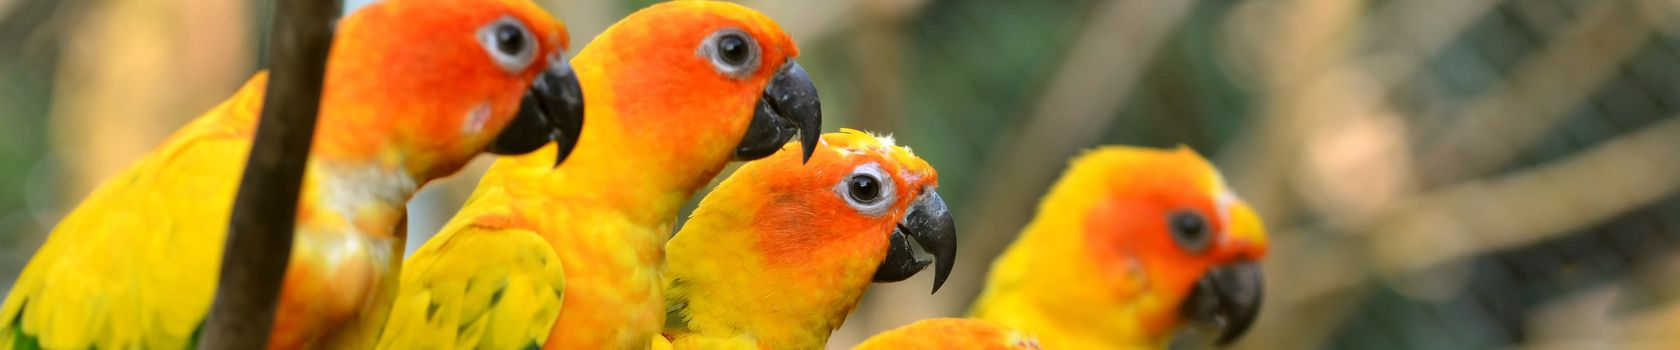 Фото бесплатно попугаи, желтый, окрас